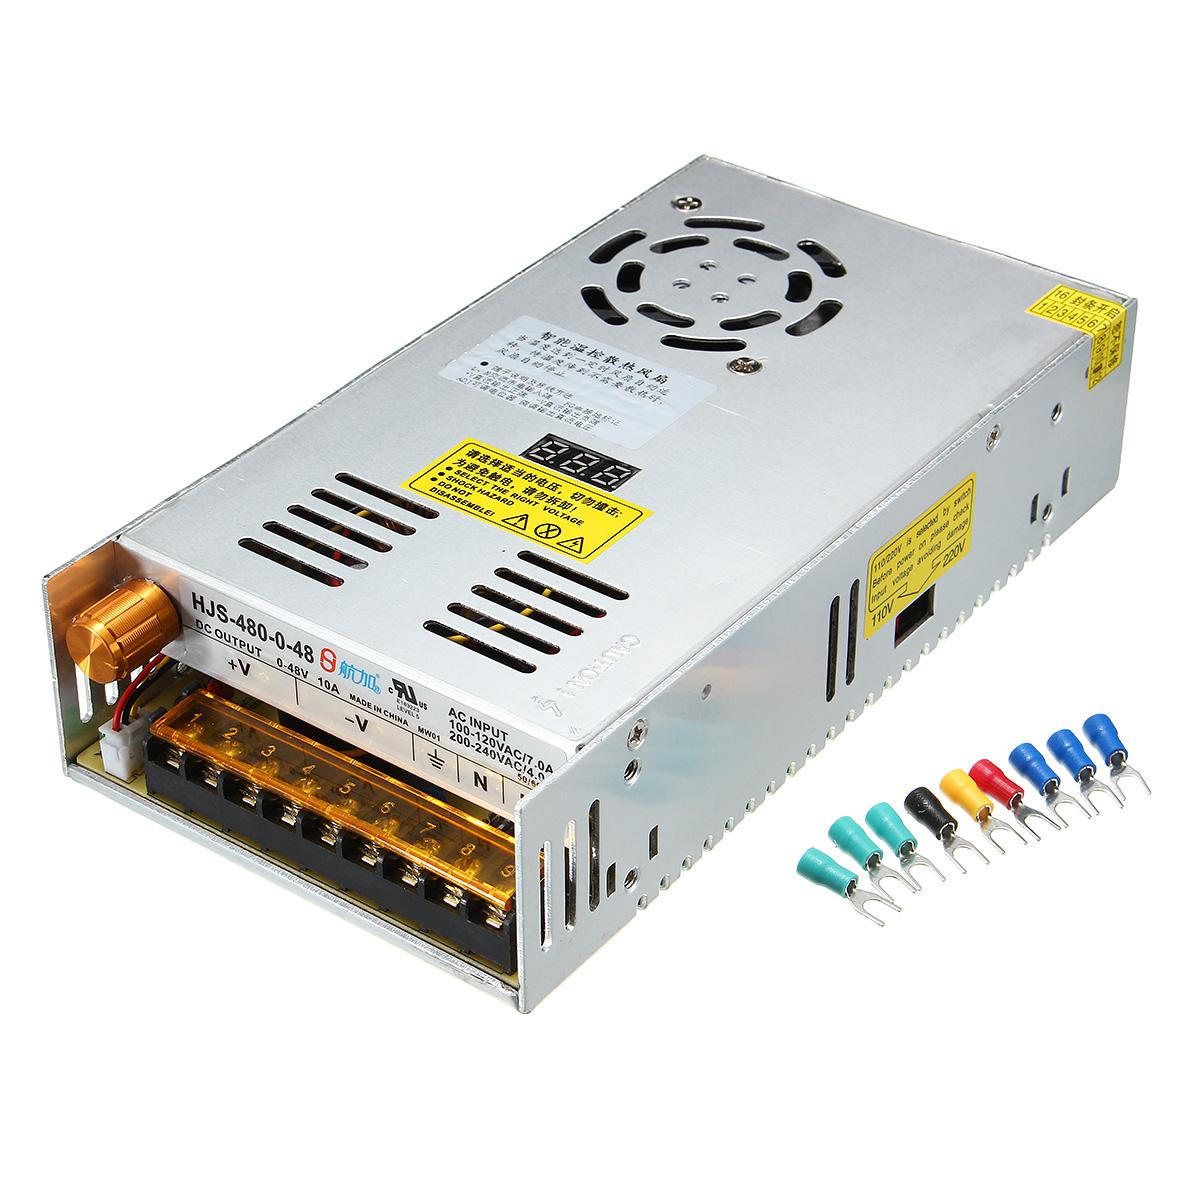 Schaltnetzteil Transformator Einstellbar von AC 110 / 220V auf DC 0-48V 10A 480W mit Digitalanzeige